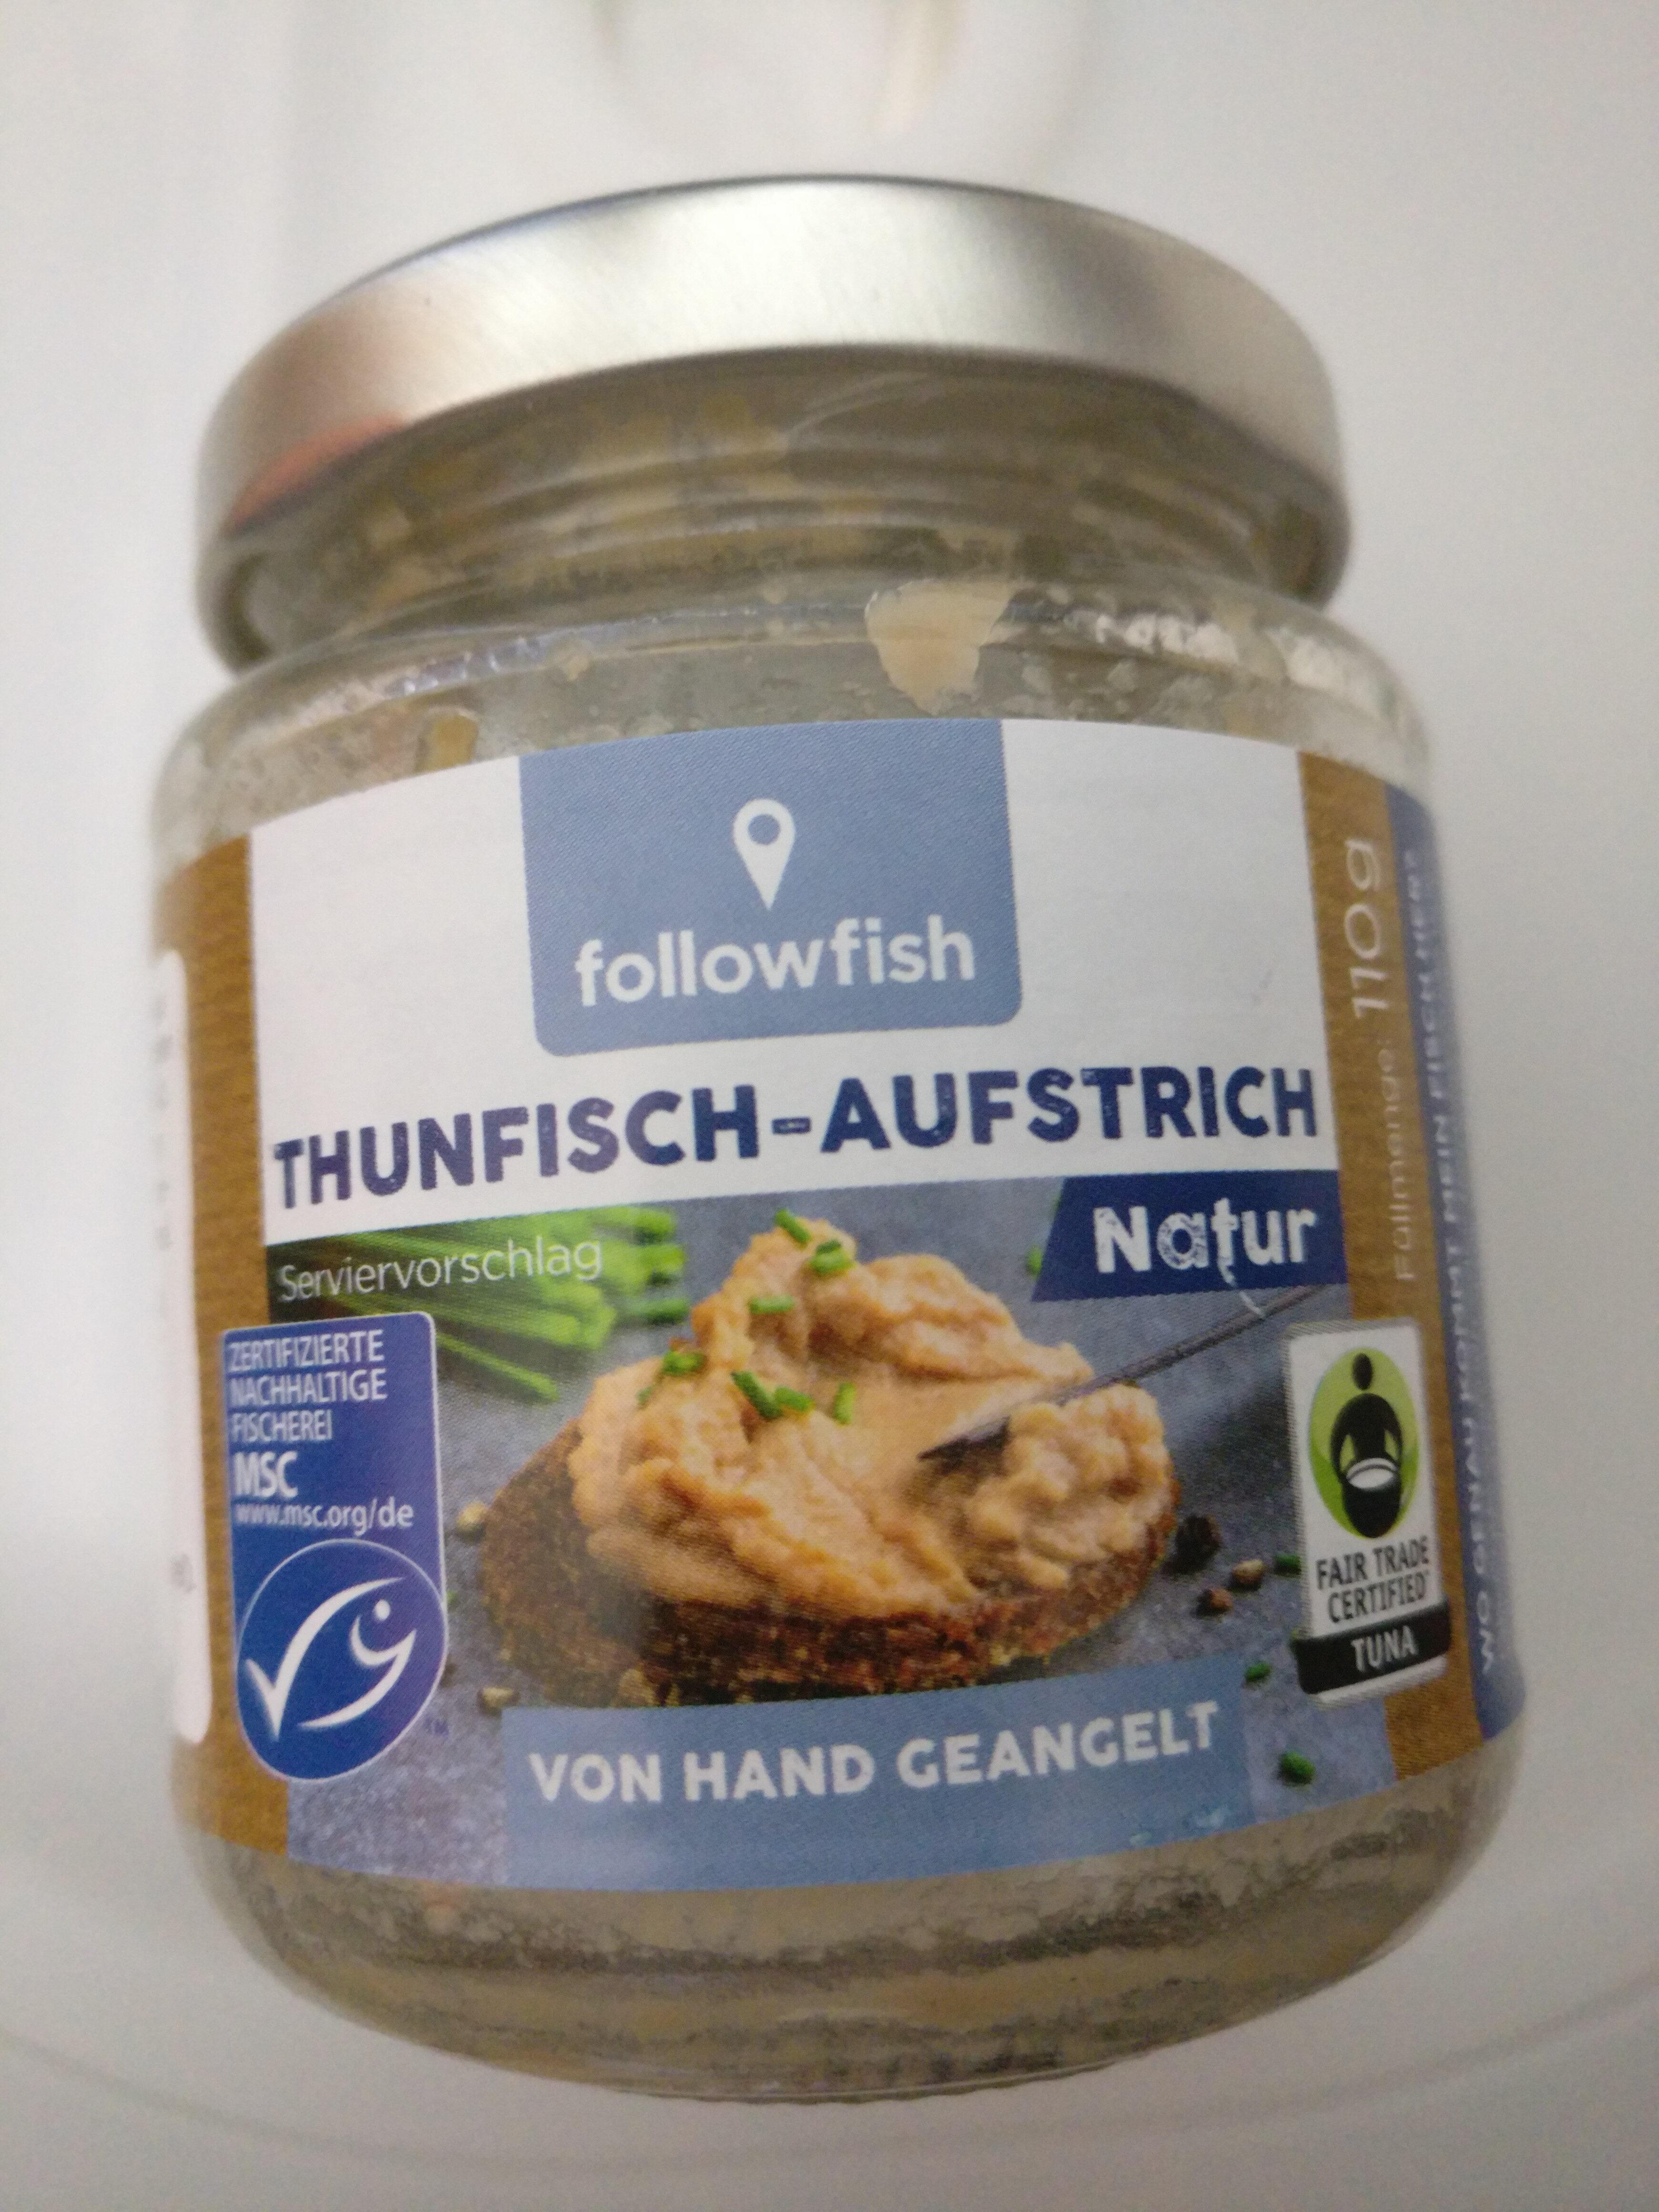 Thunfisch-Aufstrich Natur - Produit - de